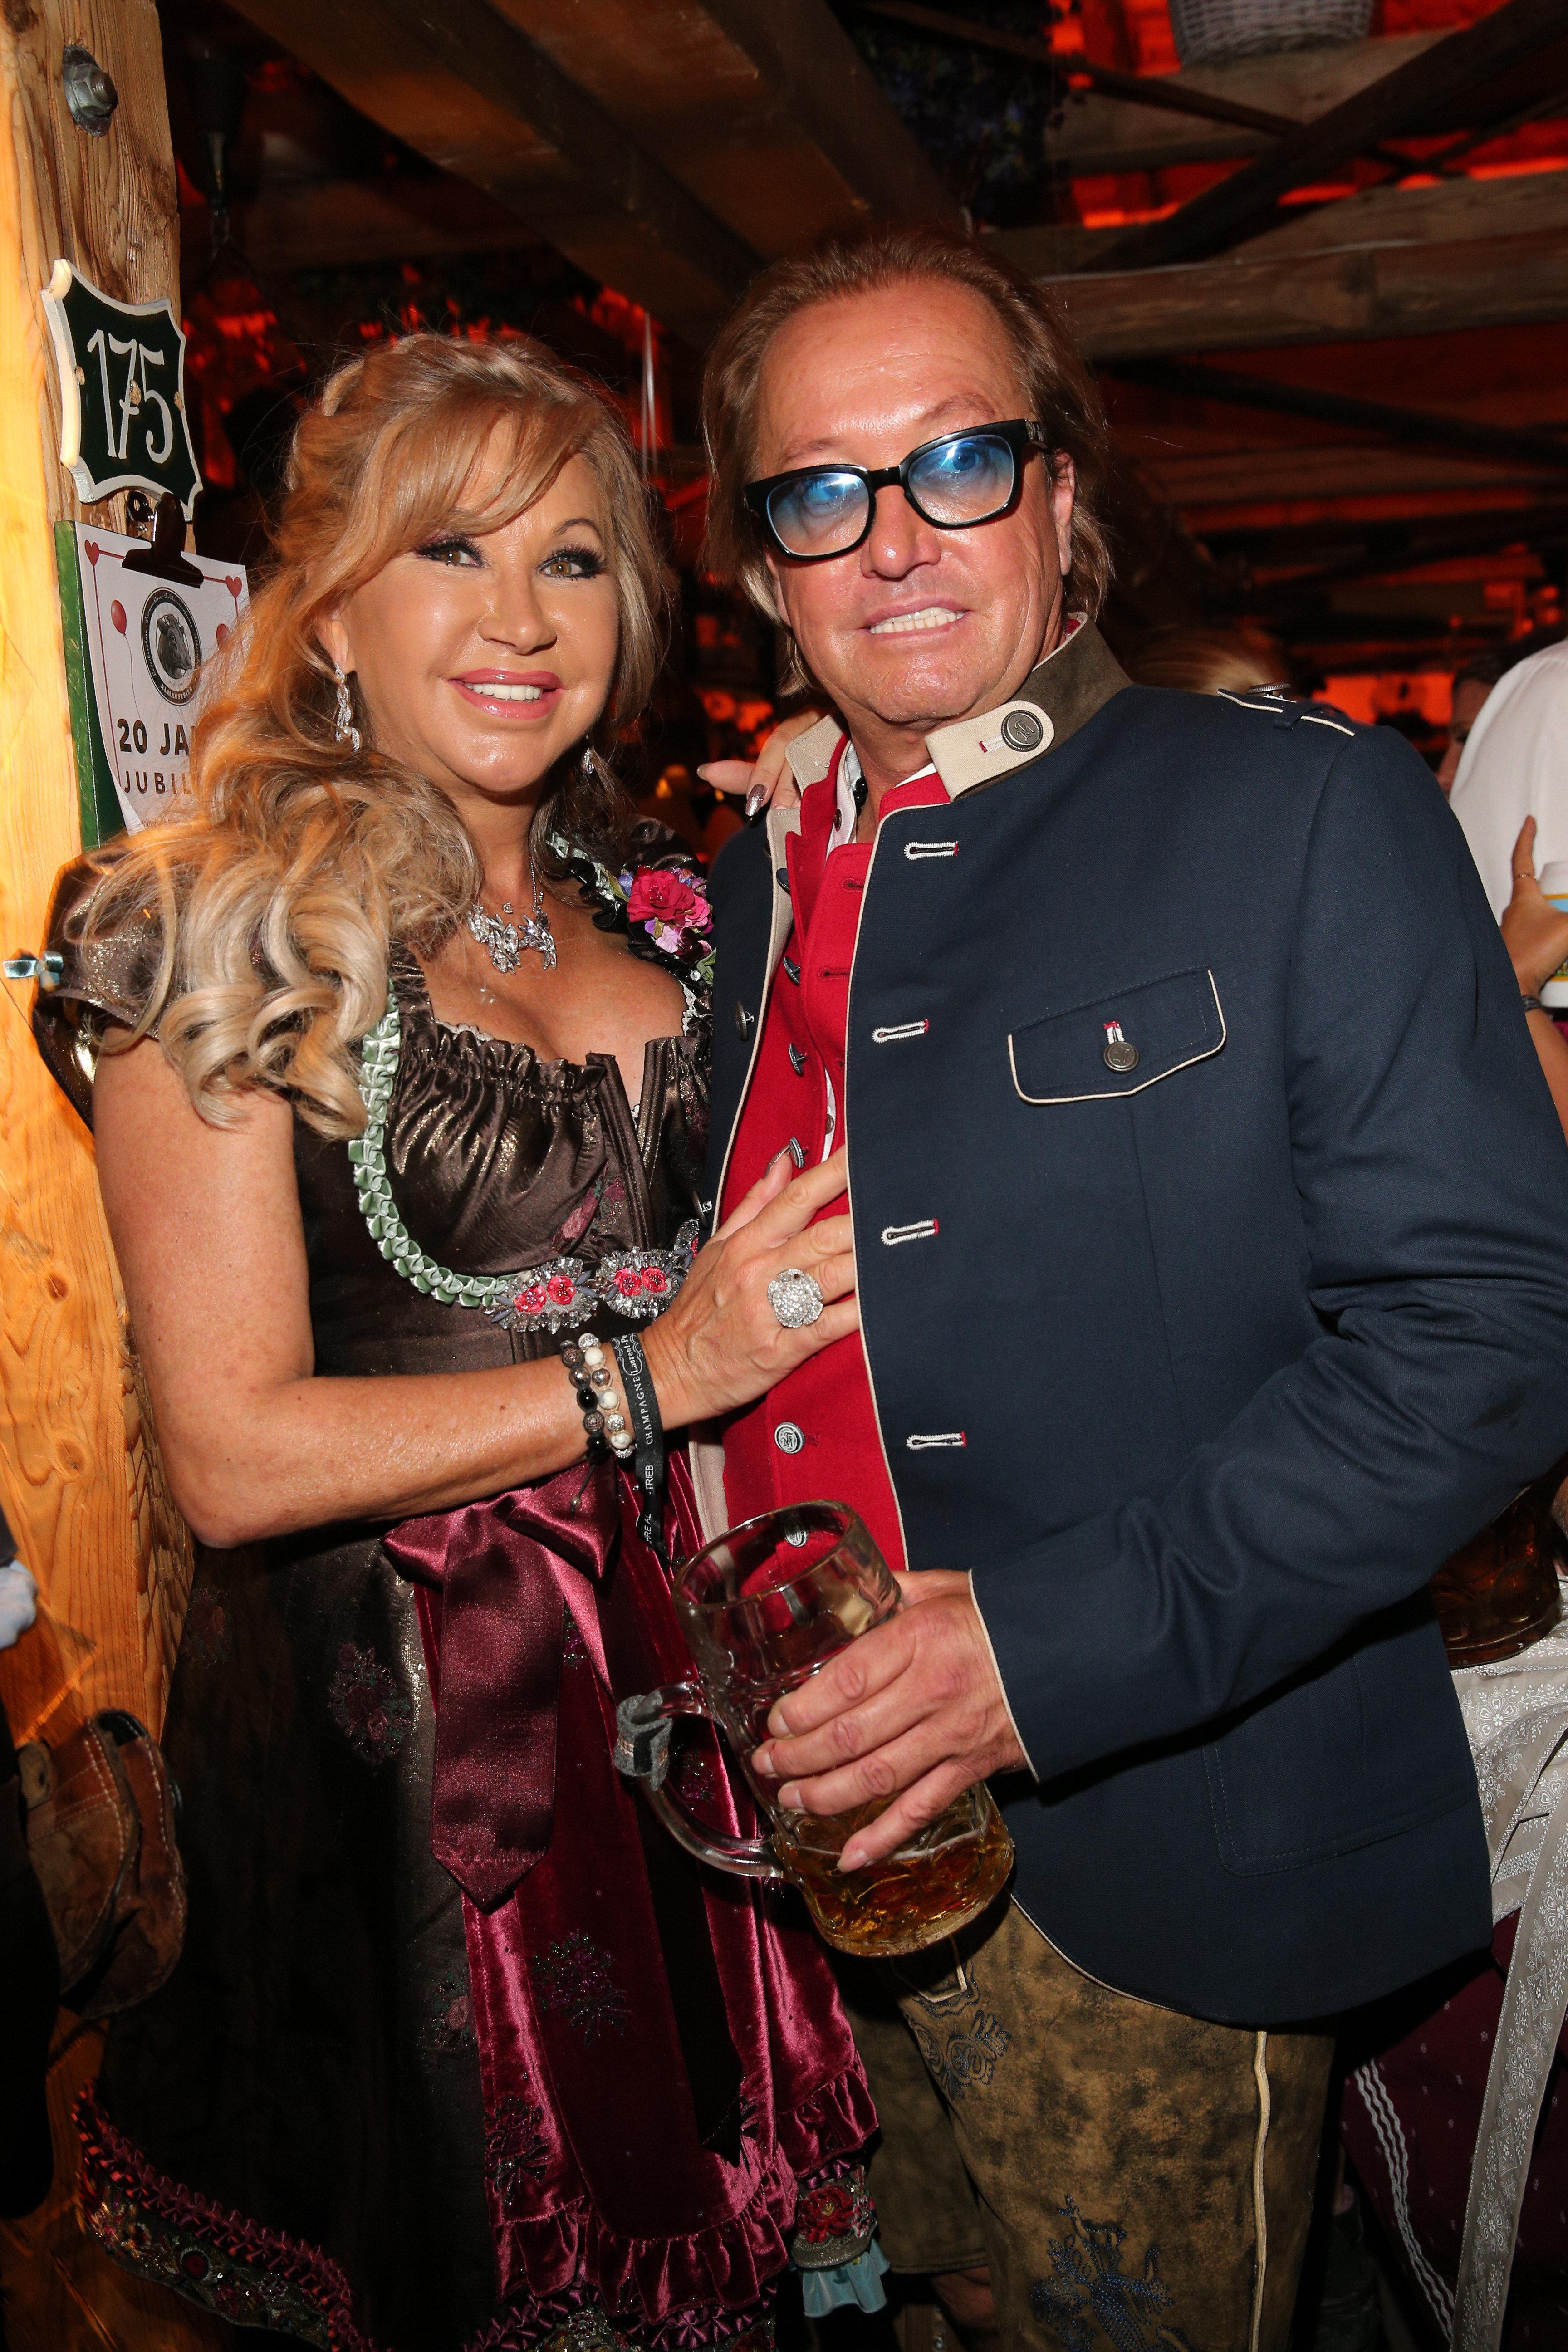 Carmen und Robert Geiss auf dem Oktoberfest.